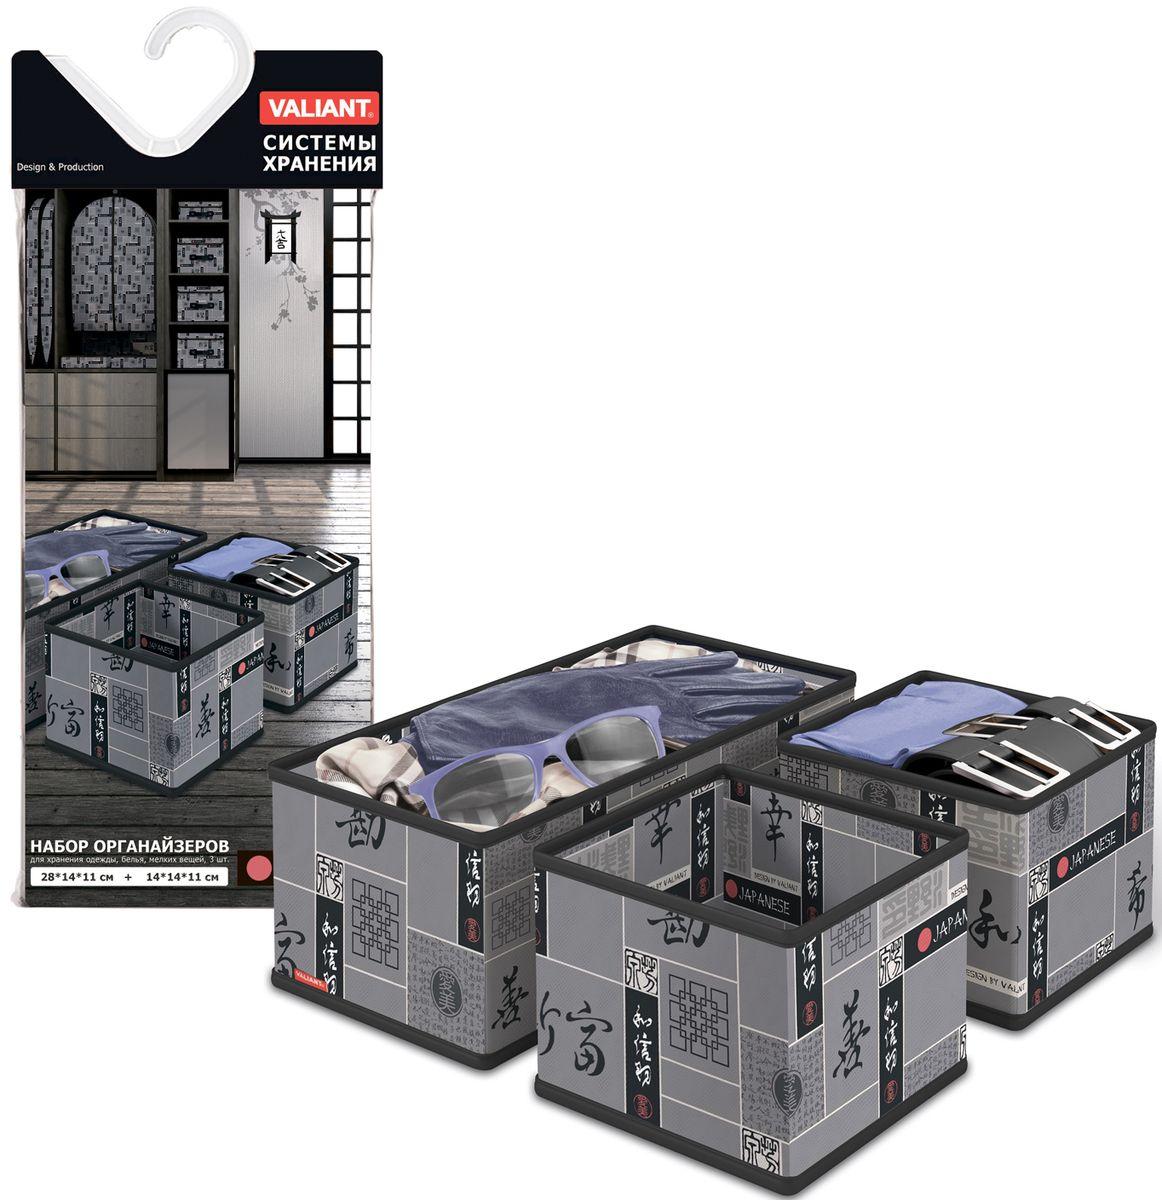 Набор органайзеров Valiant Japanese Black, 3 штTD 0033Набор Valiant Japanese Black состоит из трех органайзеров для хранения аксессуаров. Изделия выполнены из высококачественного нетканого материала (спанбонда), который обеспечивает естественную вентиляцию, позволяя воздуху проникать внутрь, но не пропускает пыль. Вставки из плотного картона хорошо держат форму.Система хранения Japanese Black создаст трогательную атмосферу романтического настроения. Оригинальный дизайн придется по вкусу ценительницам эстетичного хранения. Размер органайзеров: 28 х 14 х 11 см, 14 х 14 х 11 см.